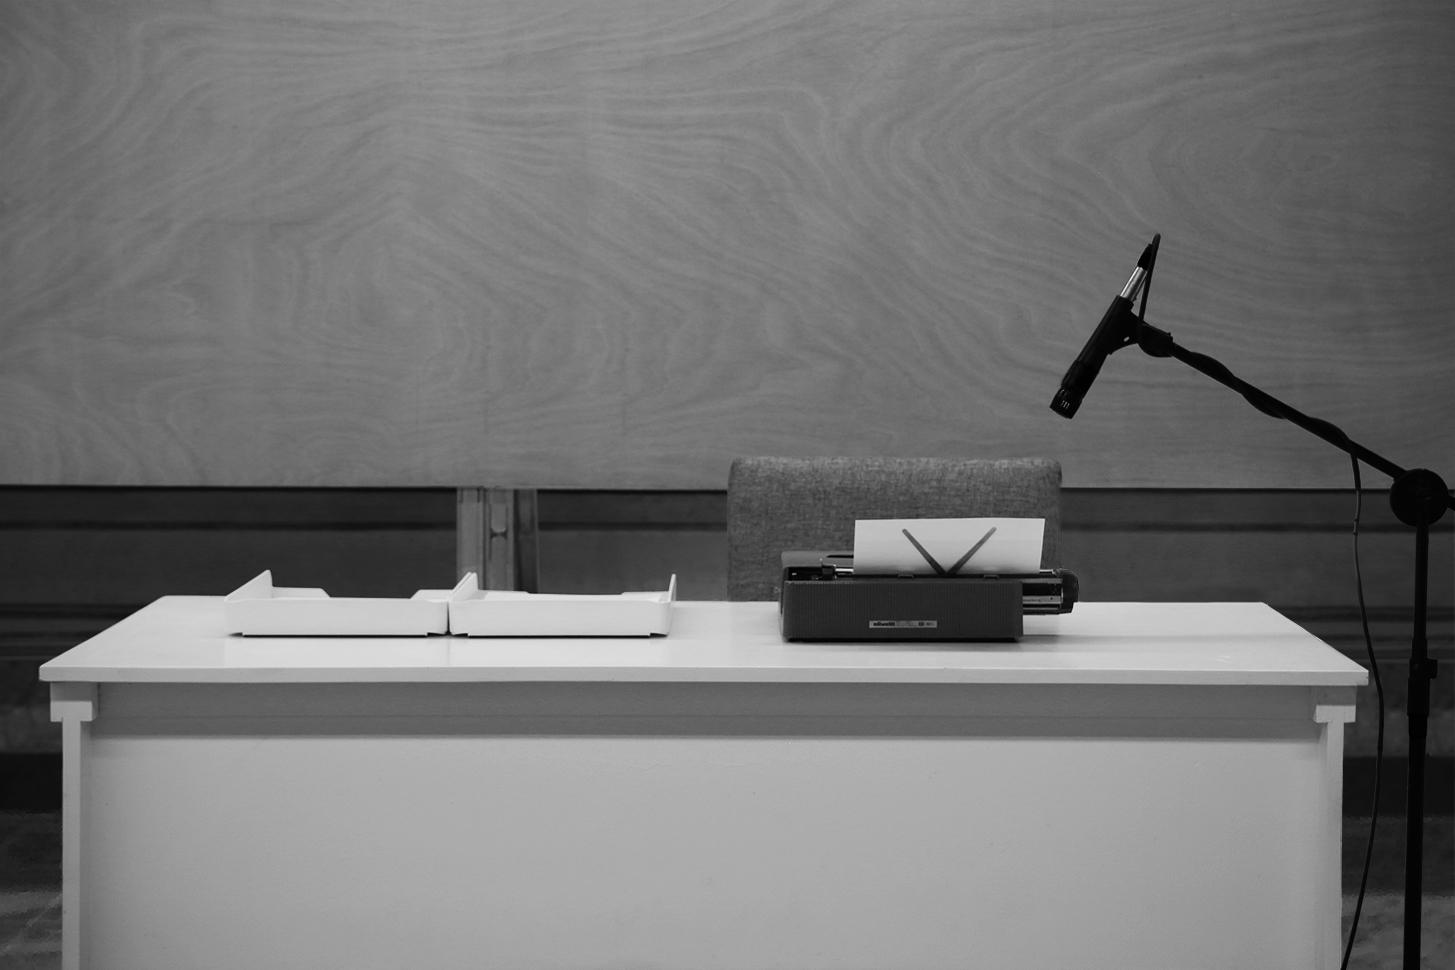 El gran poema inexacto del siglo XX (Cuba)   /  The Great Inexact Poem of the Twentieth-Century (Cuba),   2019  Acción, máquina de escribir, papel, tinta, libros de poesía Cubana del siglo XX de la Biblioteca Nacional de Cuba José Martí / Action, typewriter, paper, ink, books of the Twentieth-Century Cuban poetry section from the Biblioteca Nacional de Cuba José Martí  Medidas variables / Variable dimensions  *Una persona se dirige a la Biblioteca Nacional, toma un libro de la sección de Poesía cubana del siglo XX, memoriza un fragmento, camina hacia la Casa de la Poesía y lo escribe en la máquina de escribir situada en la sala de exhibición / A person arrives at the National Library, he takes a book from the 20th Century Cuban Poetry section, memorizes a fragment, walks towards the Poetry House and writes it on the typewriter machine.